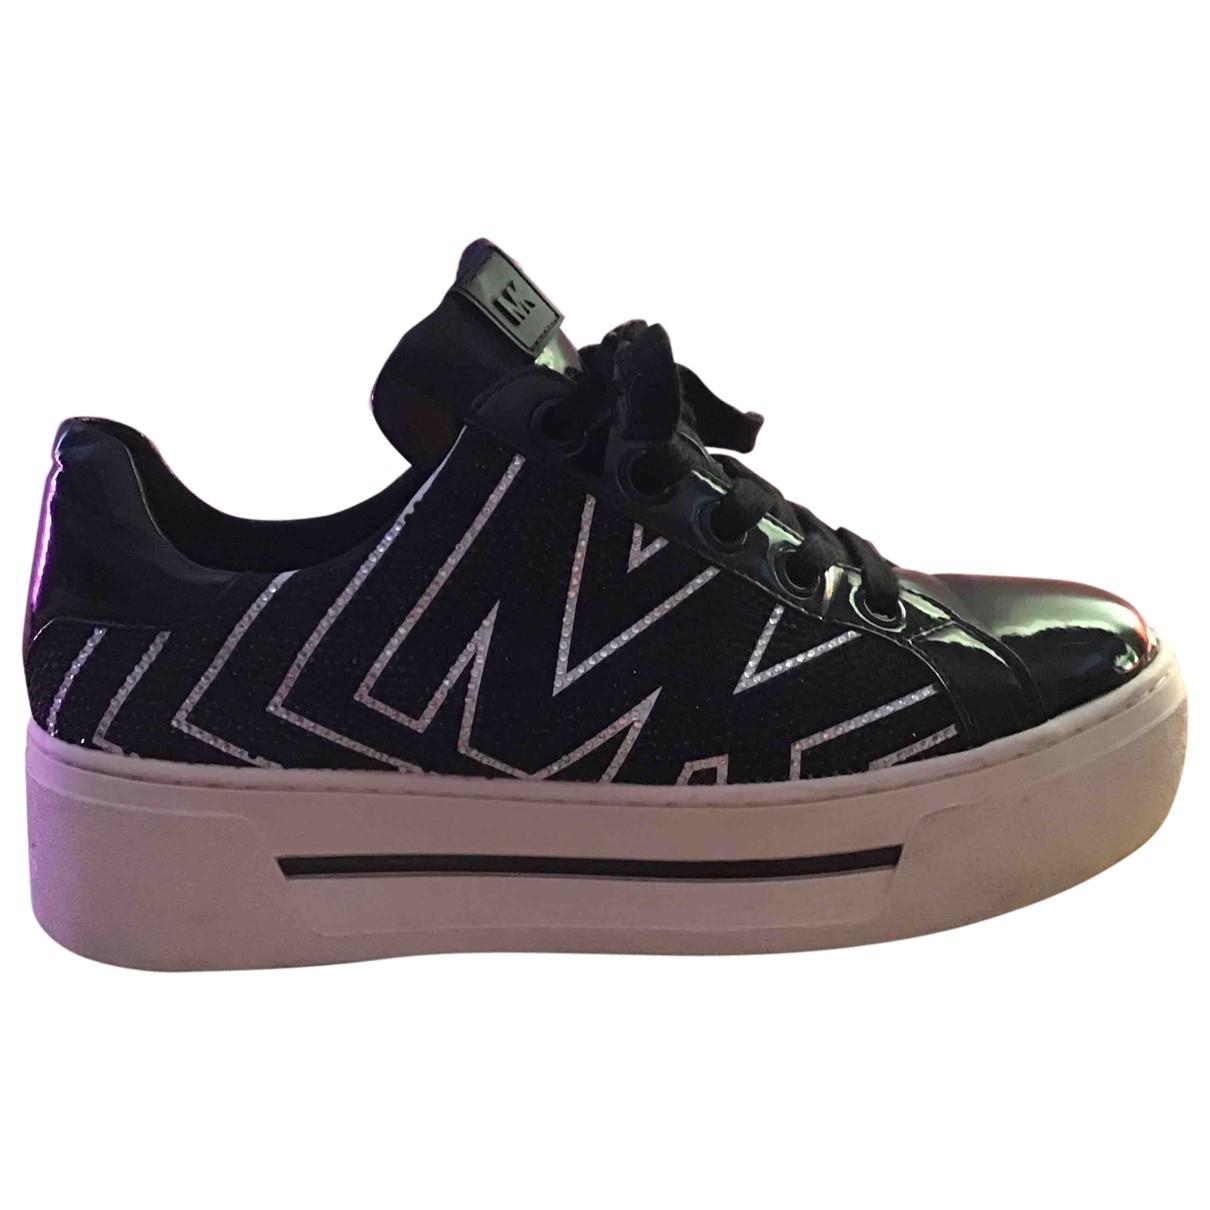 Michael Kors \N Sneakers in  Schwarz Lackleder